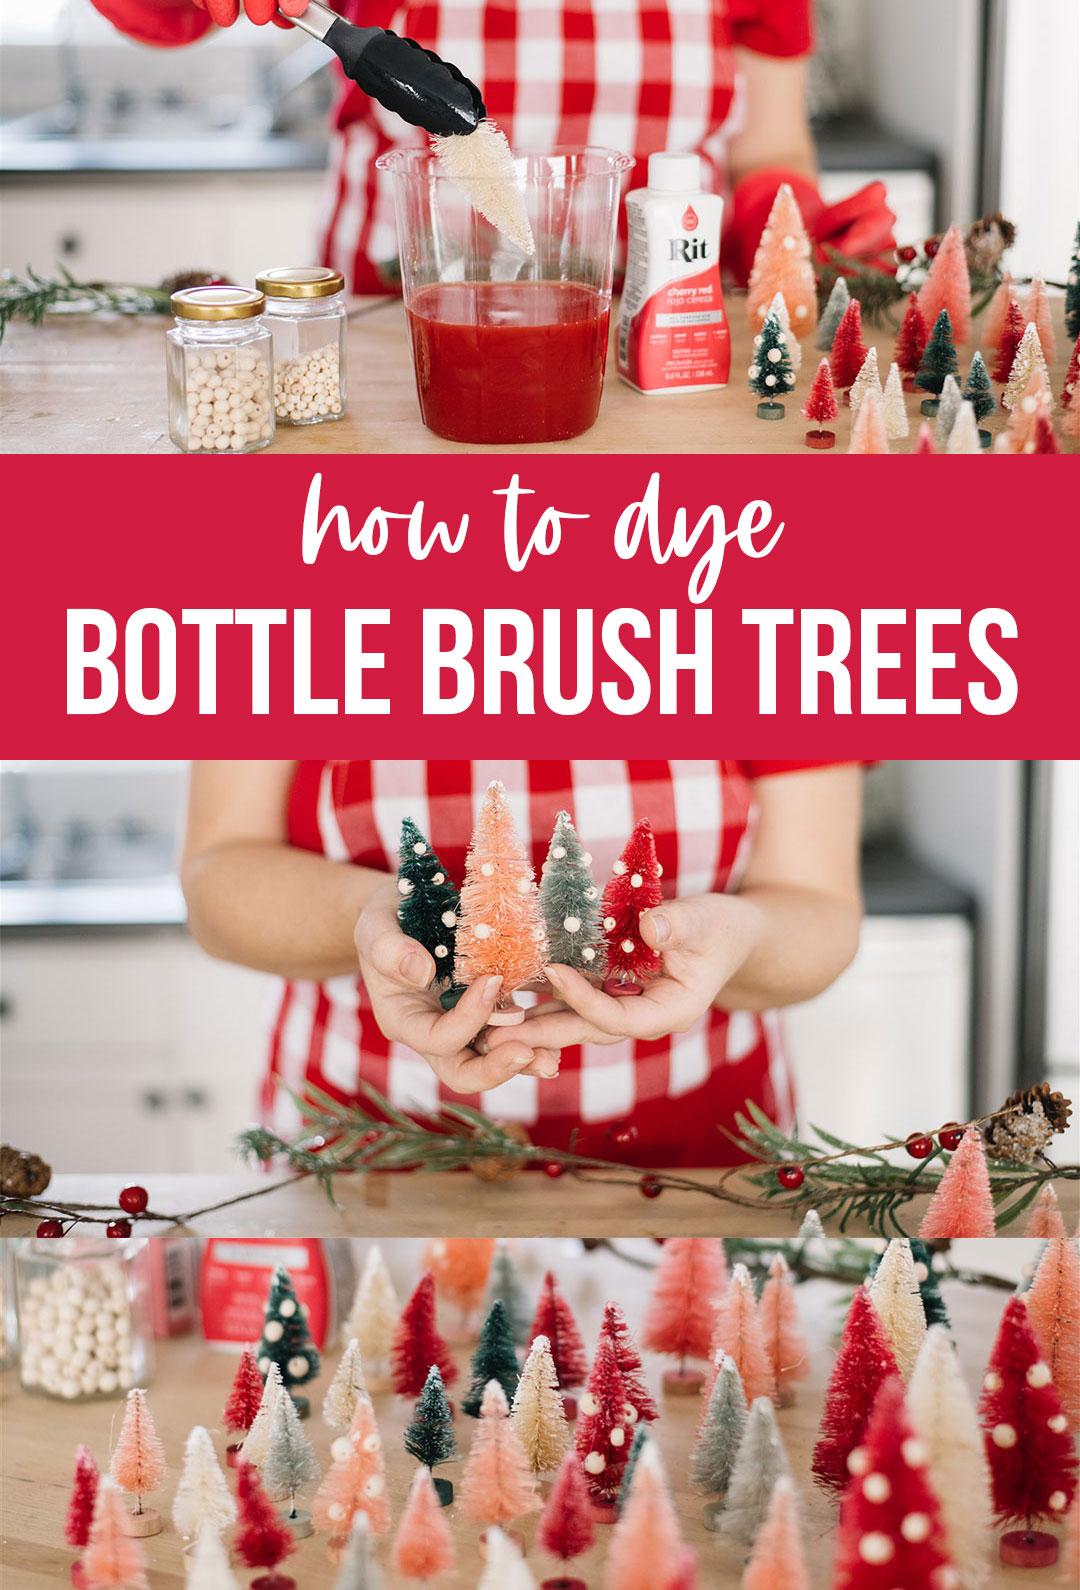 How to Dye Bottle Brush Trees